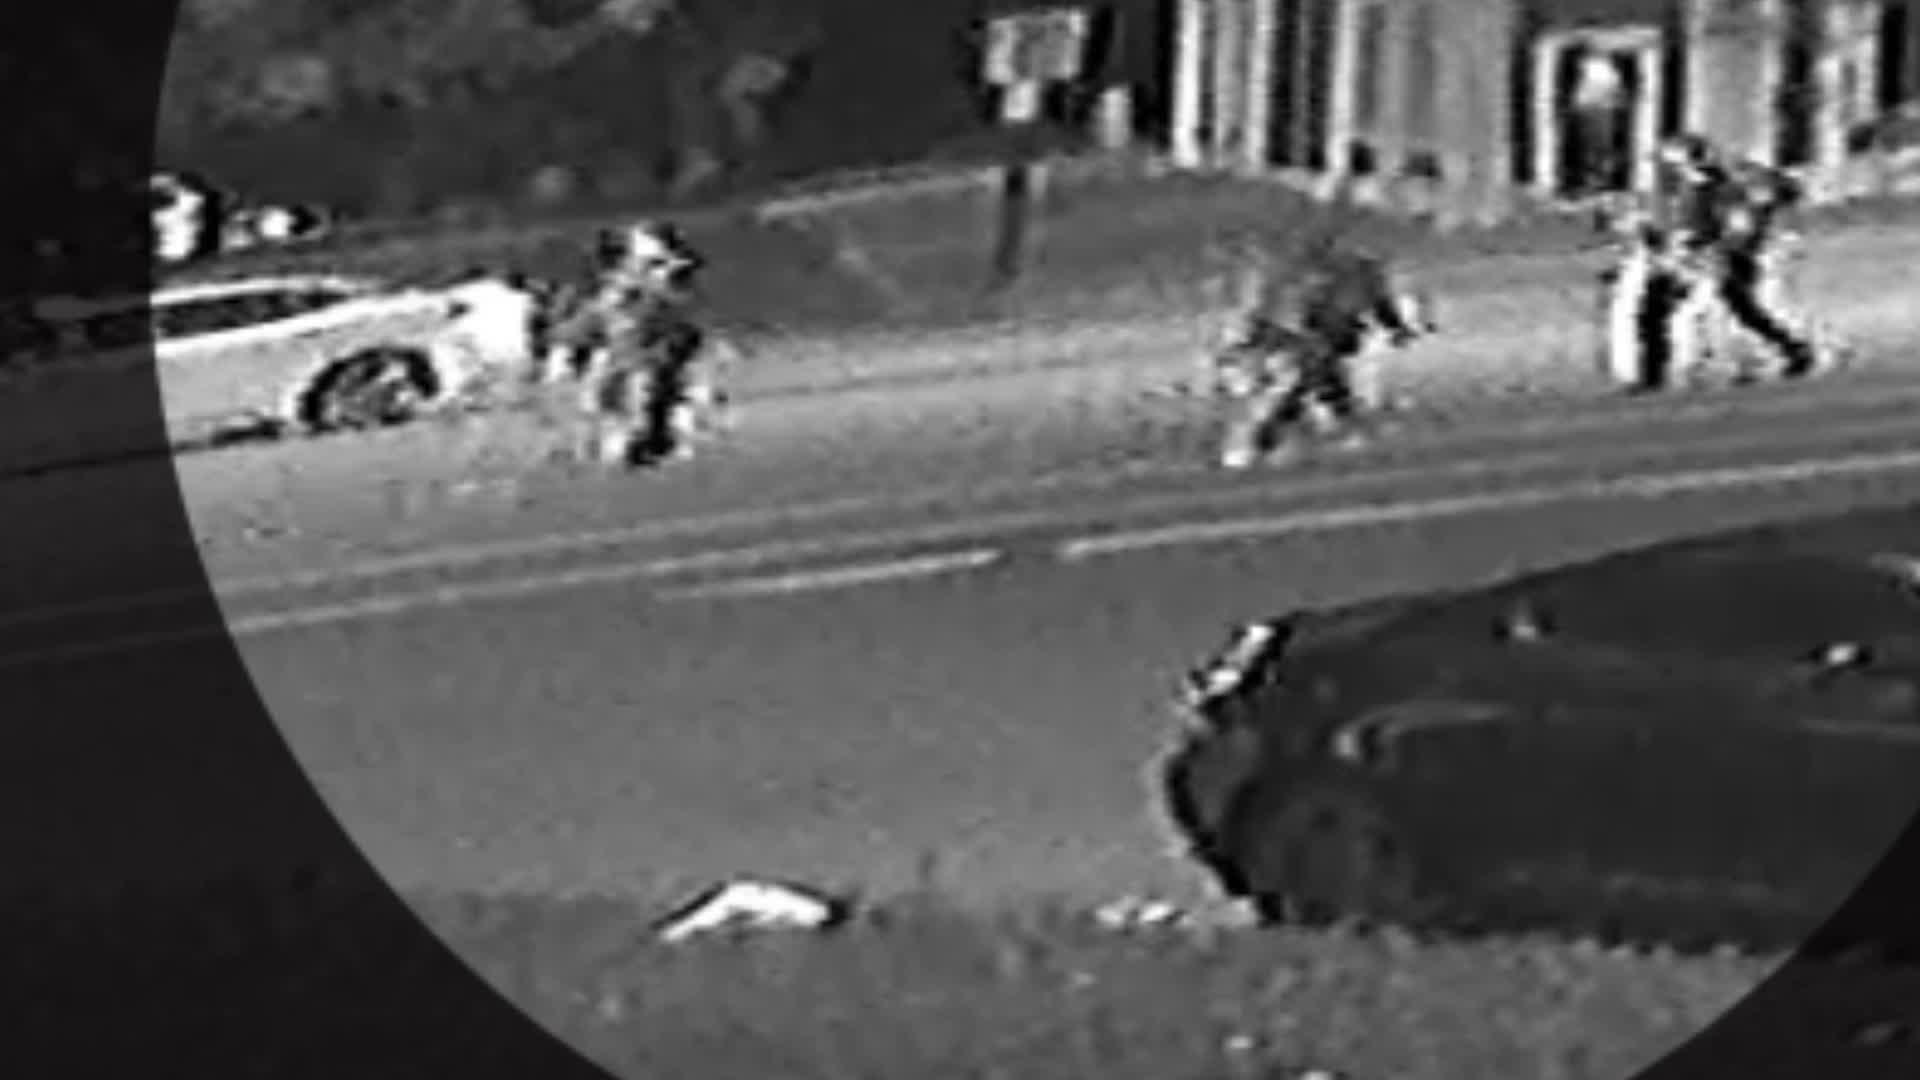 Cleveland hatchet-wielding man shot